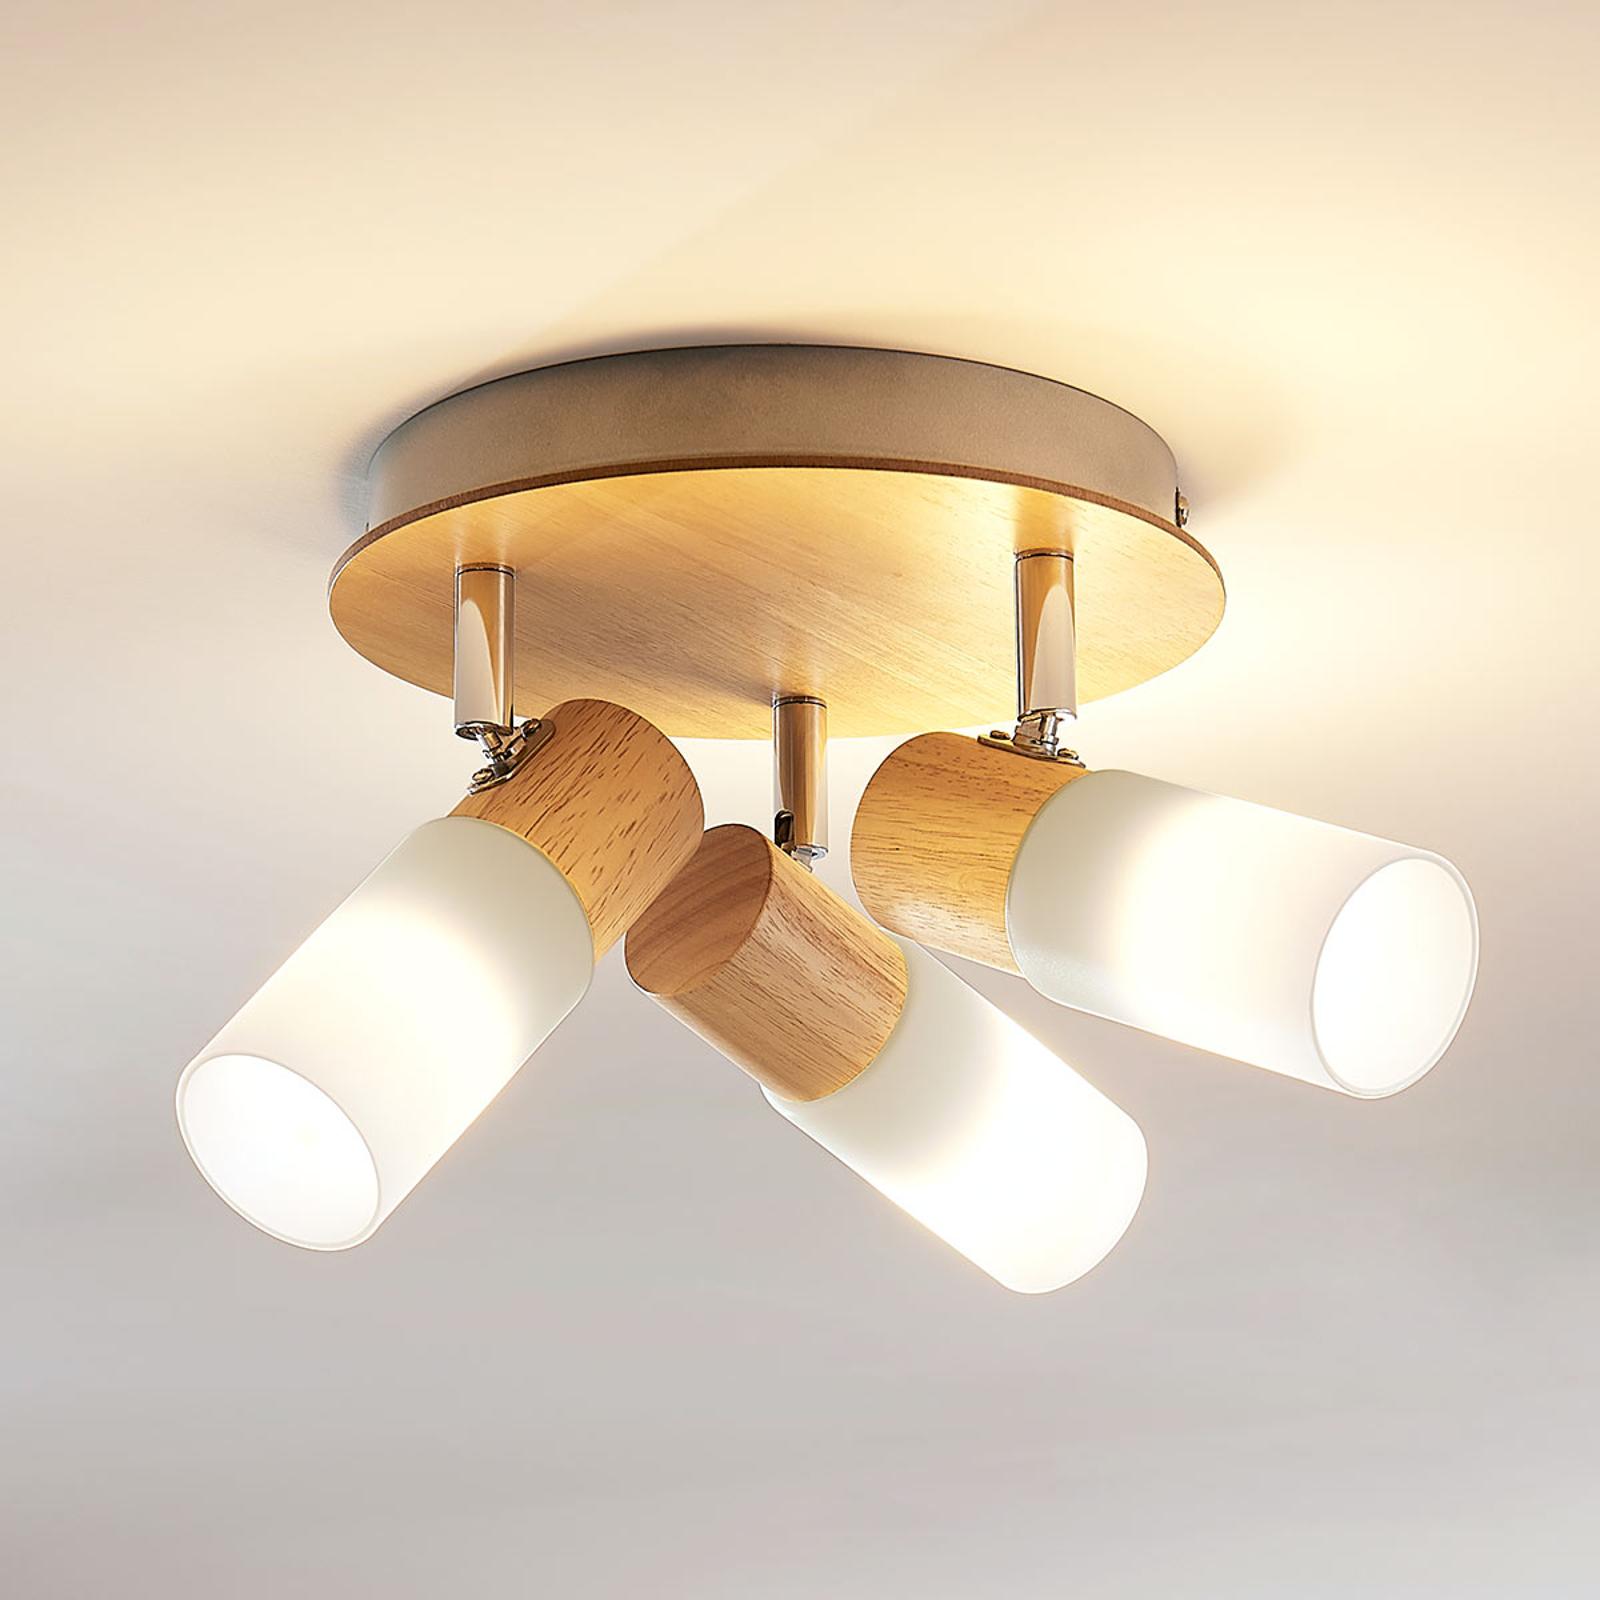 Puinen LED-kattokohdevalo Christoph, 3-lamppuinen